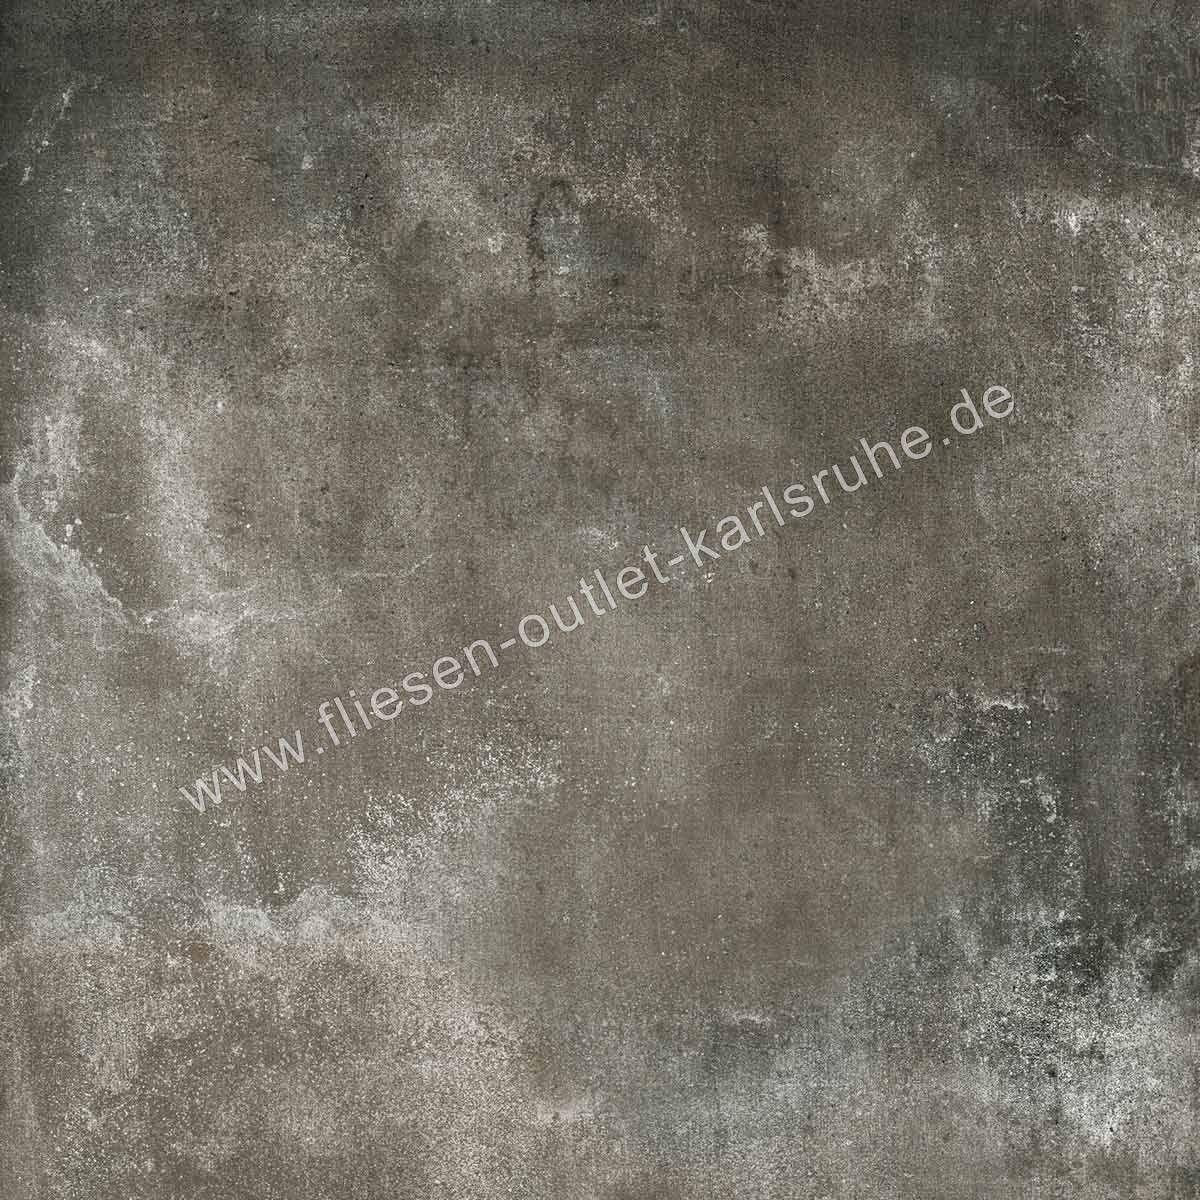 Mirage Of02 Feinsteinzeug Officine Dark 60x60x1 Cm Fliesen Outlet